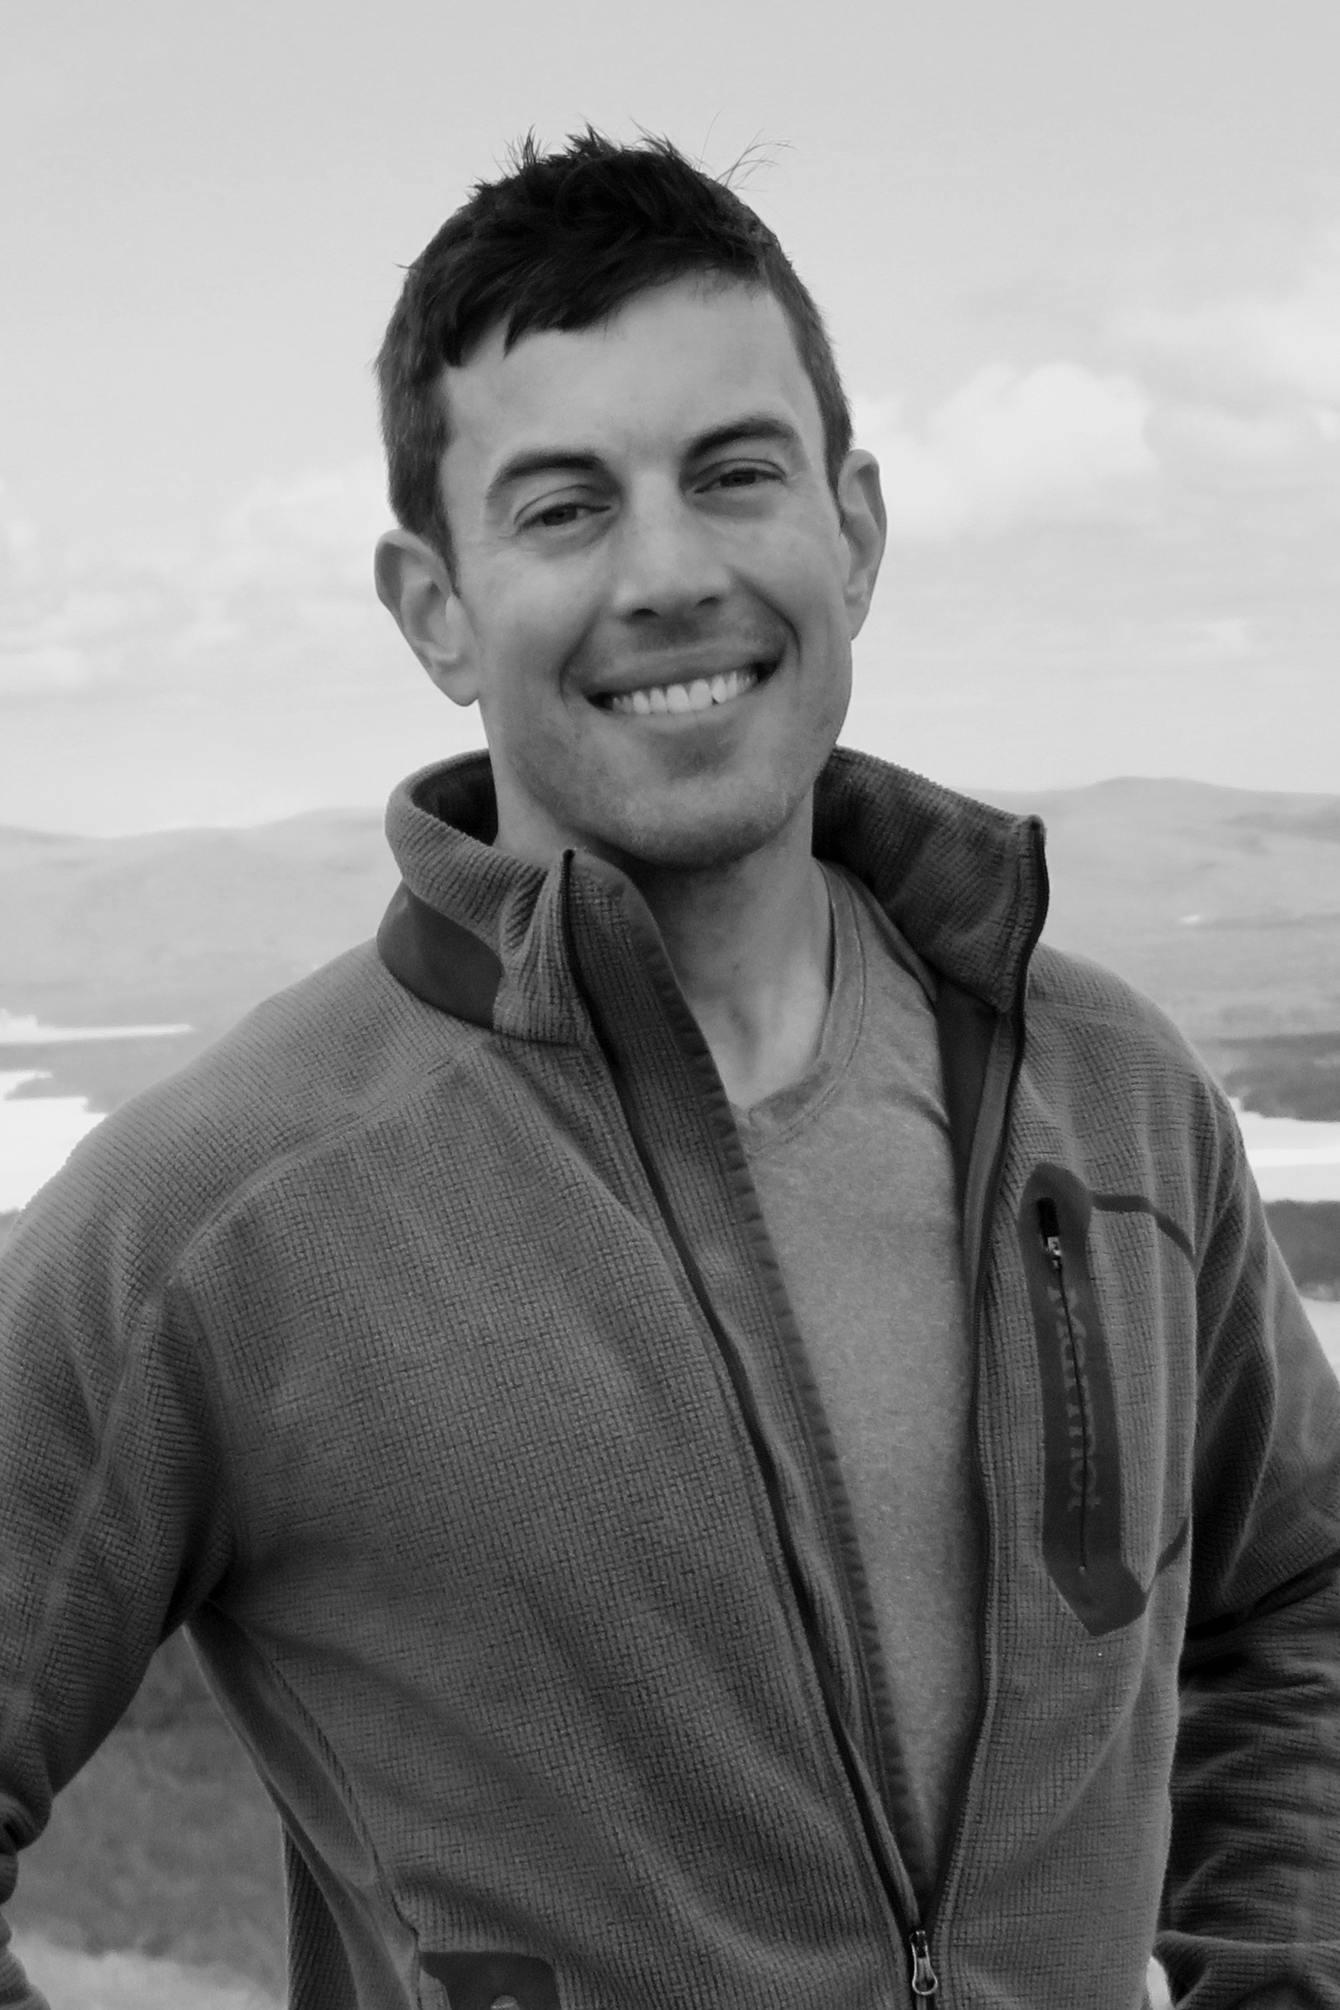 Seth Ulinski